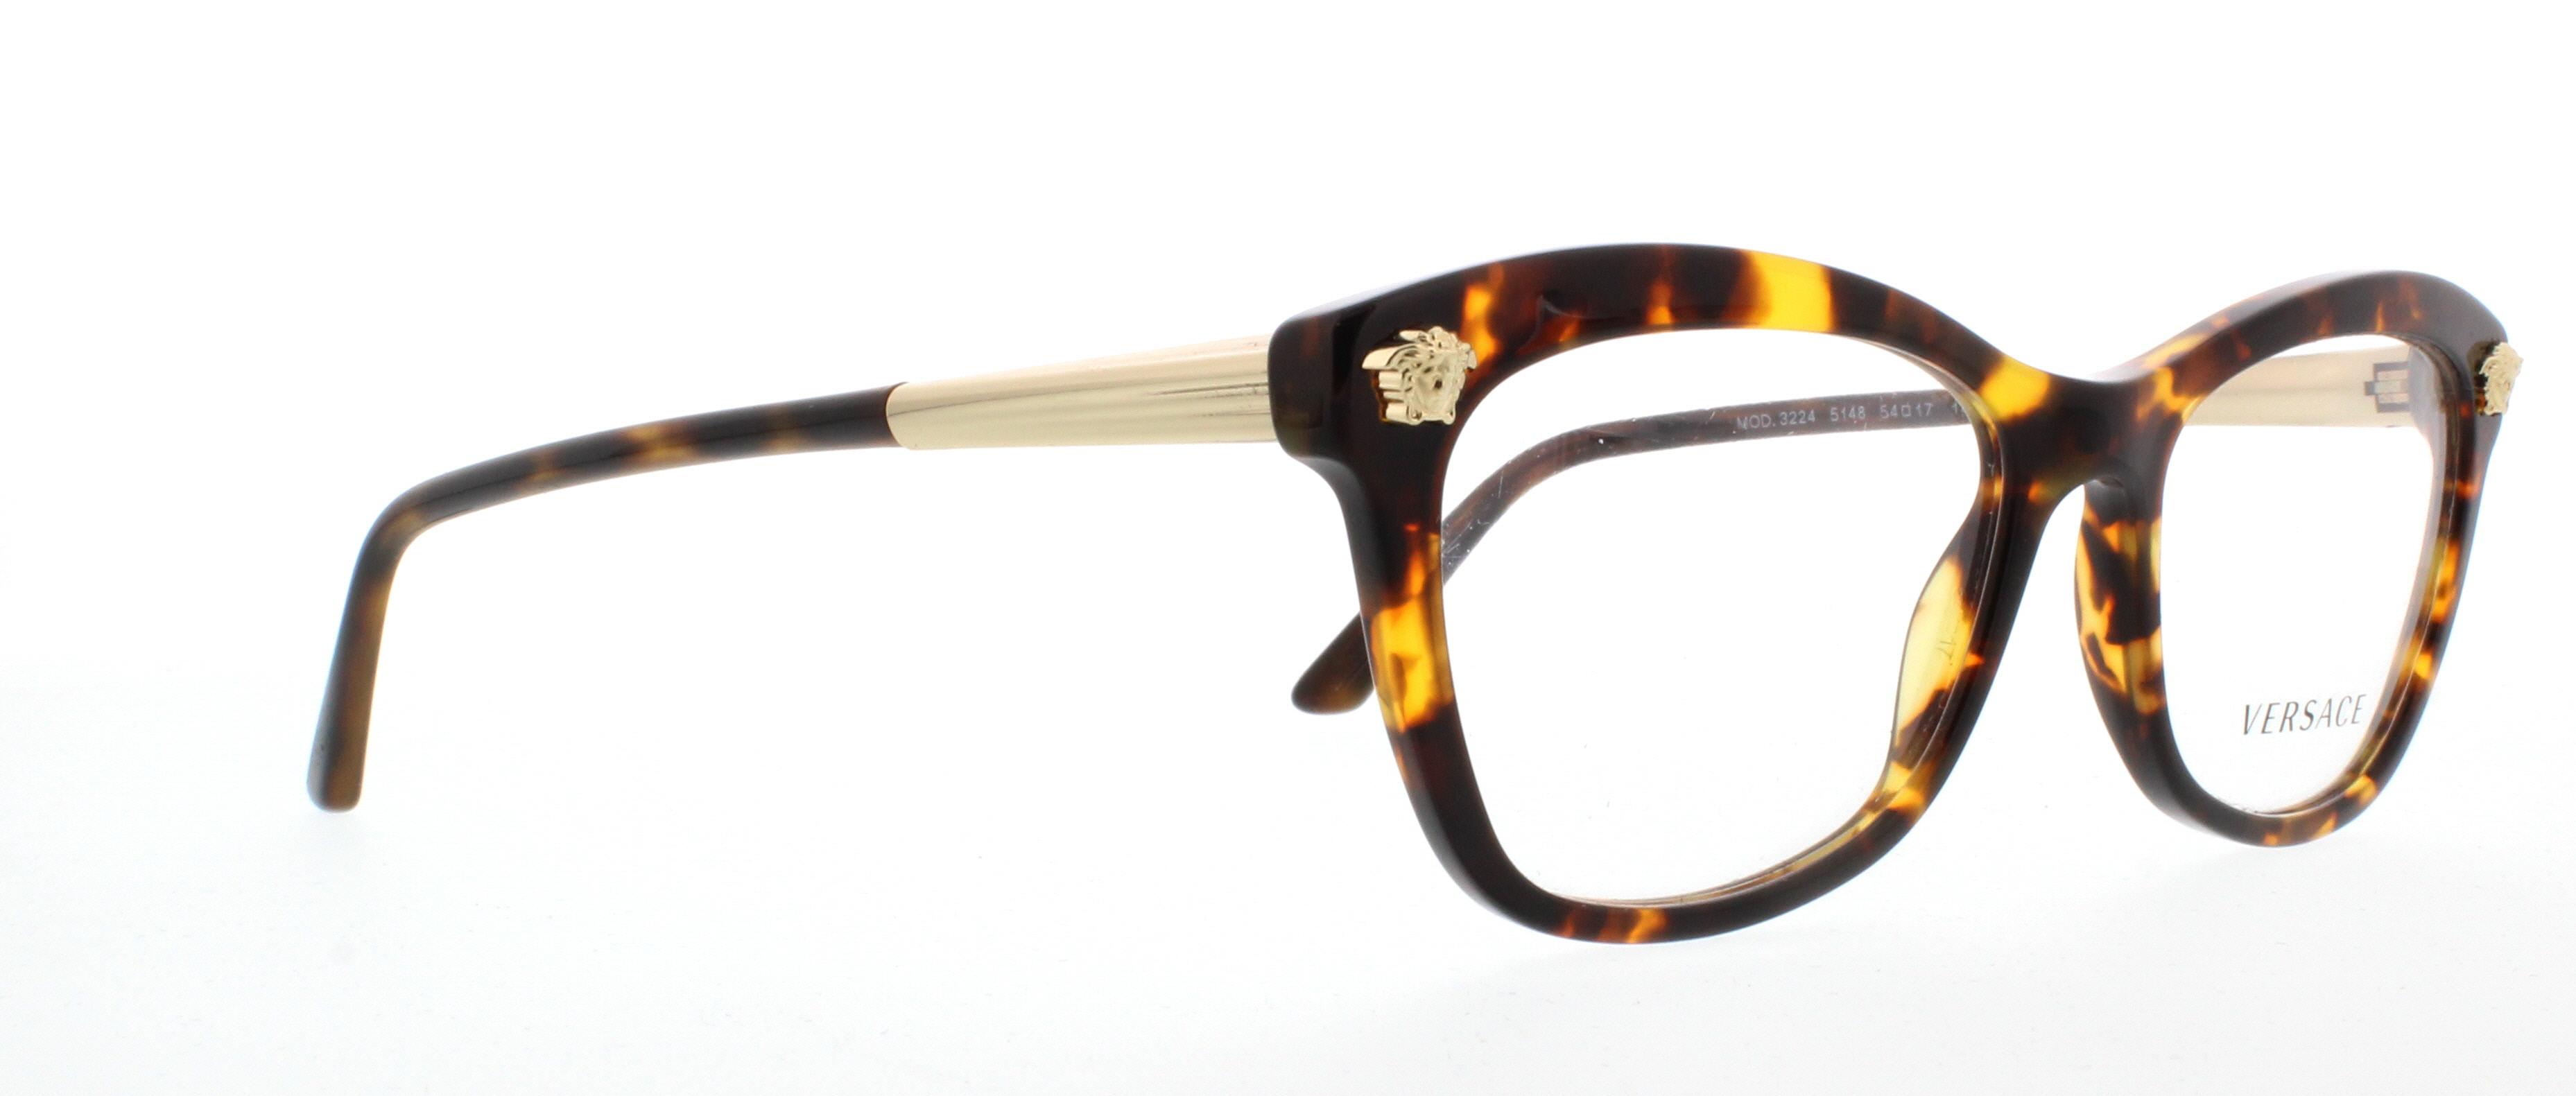 3ef8a02e619 Designer Frames Outlet. Versace VE3224